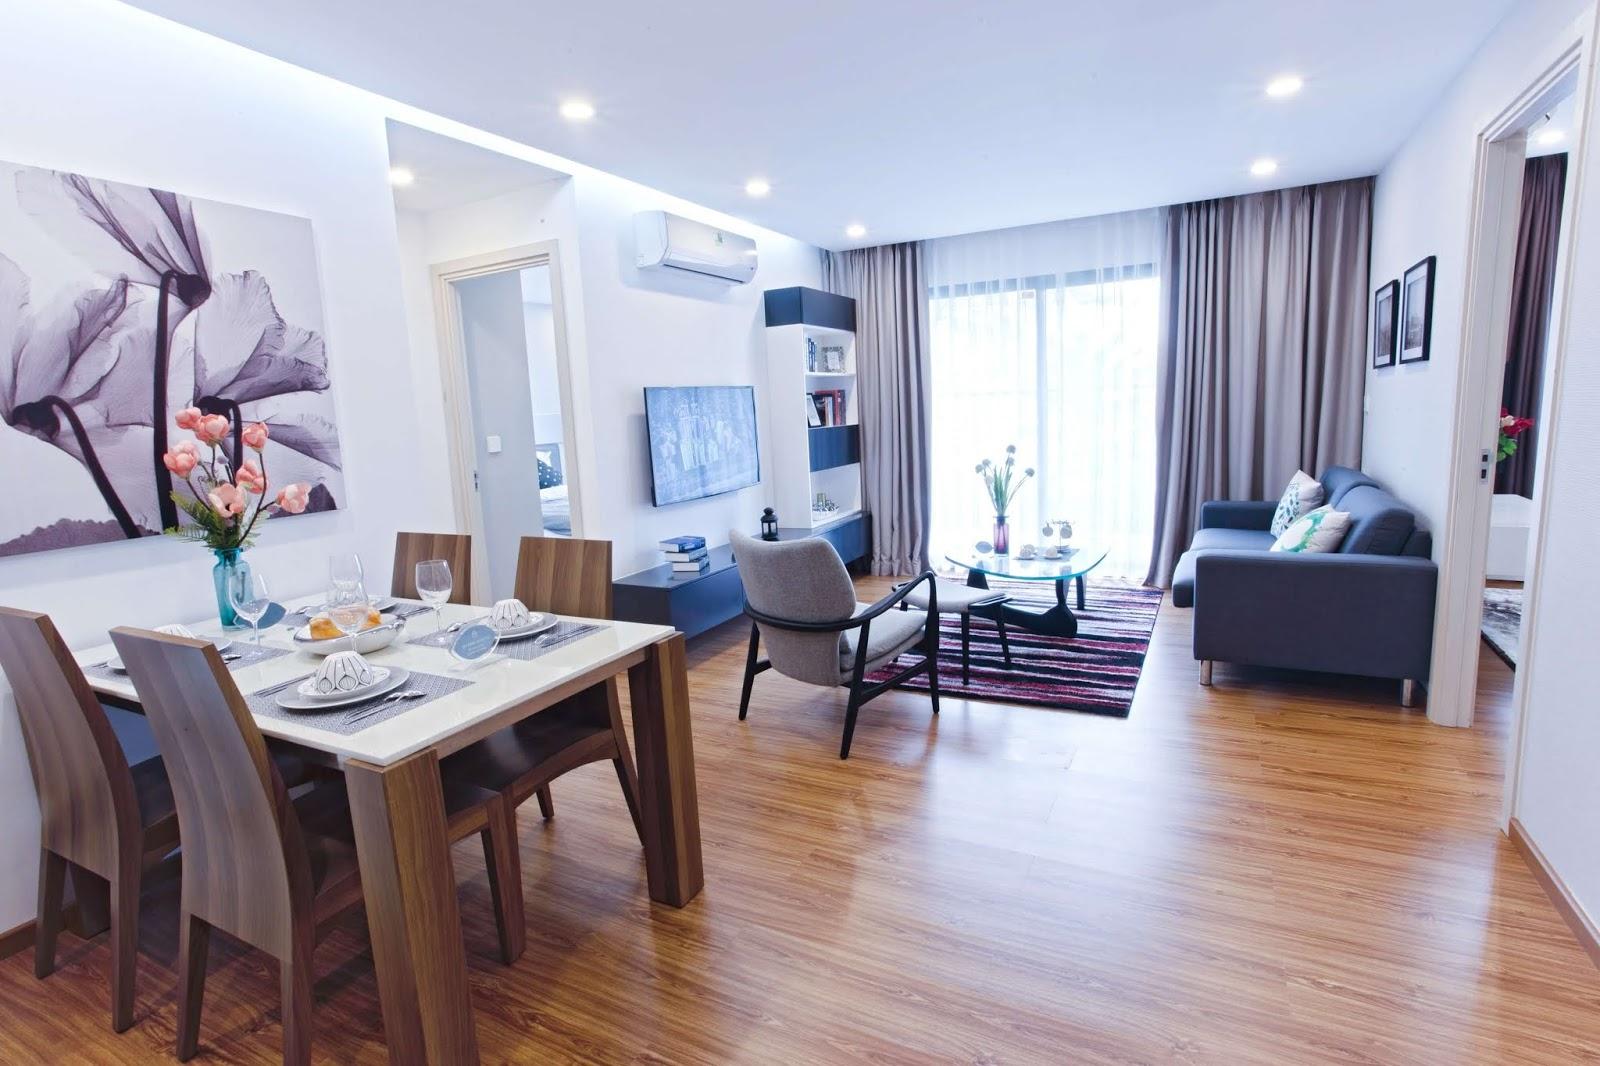 Nên lựa chọn căn hộ có tài chính phù hợp.